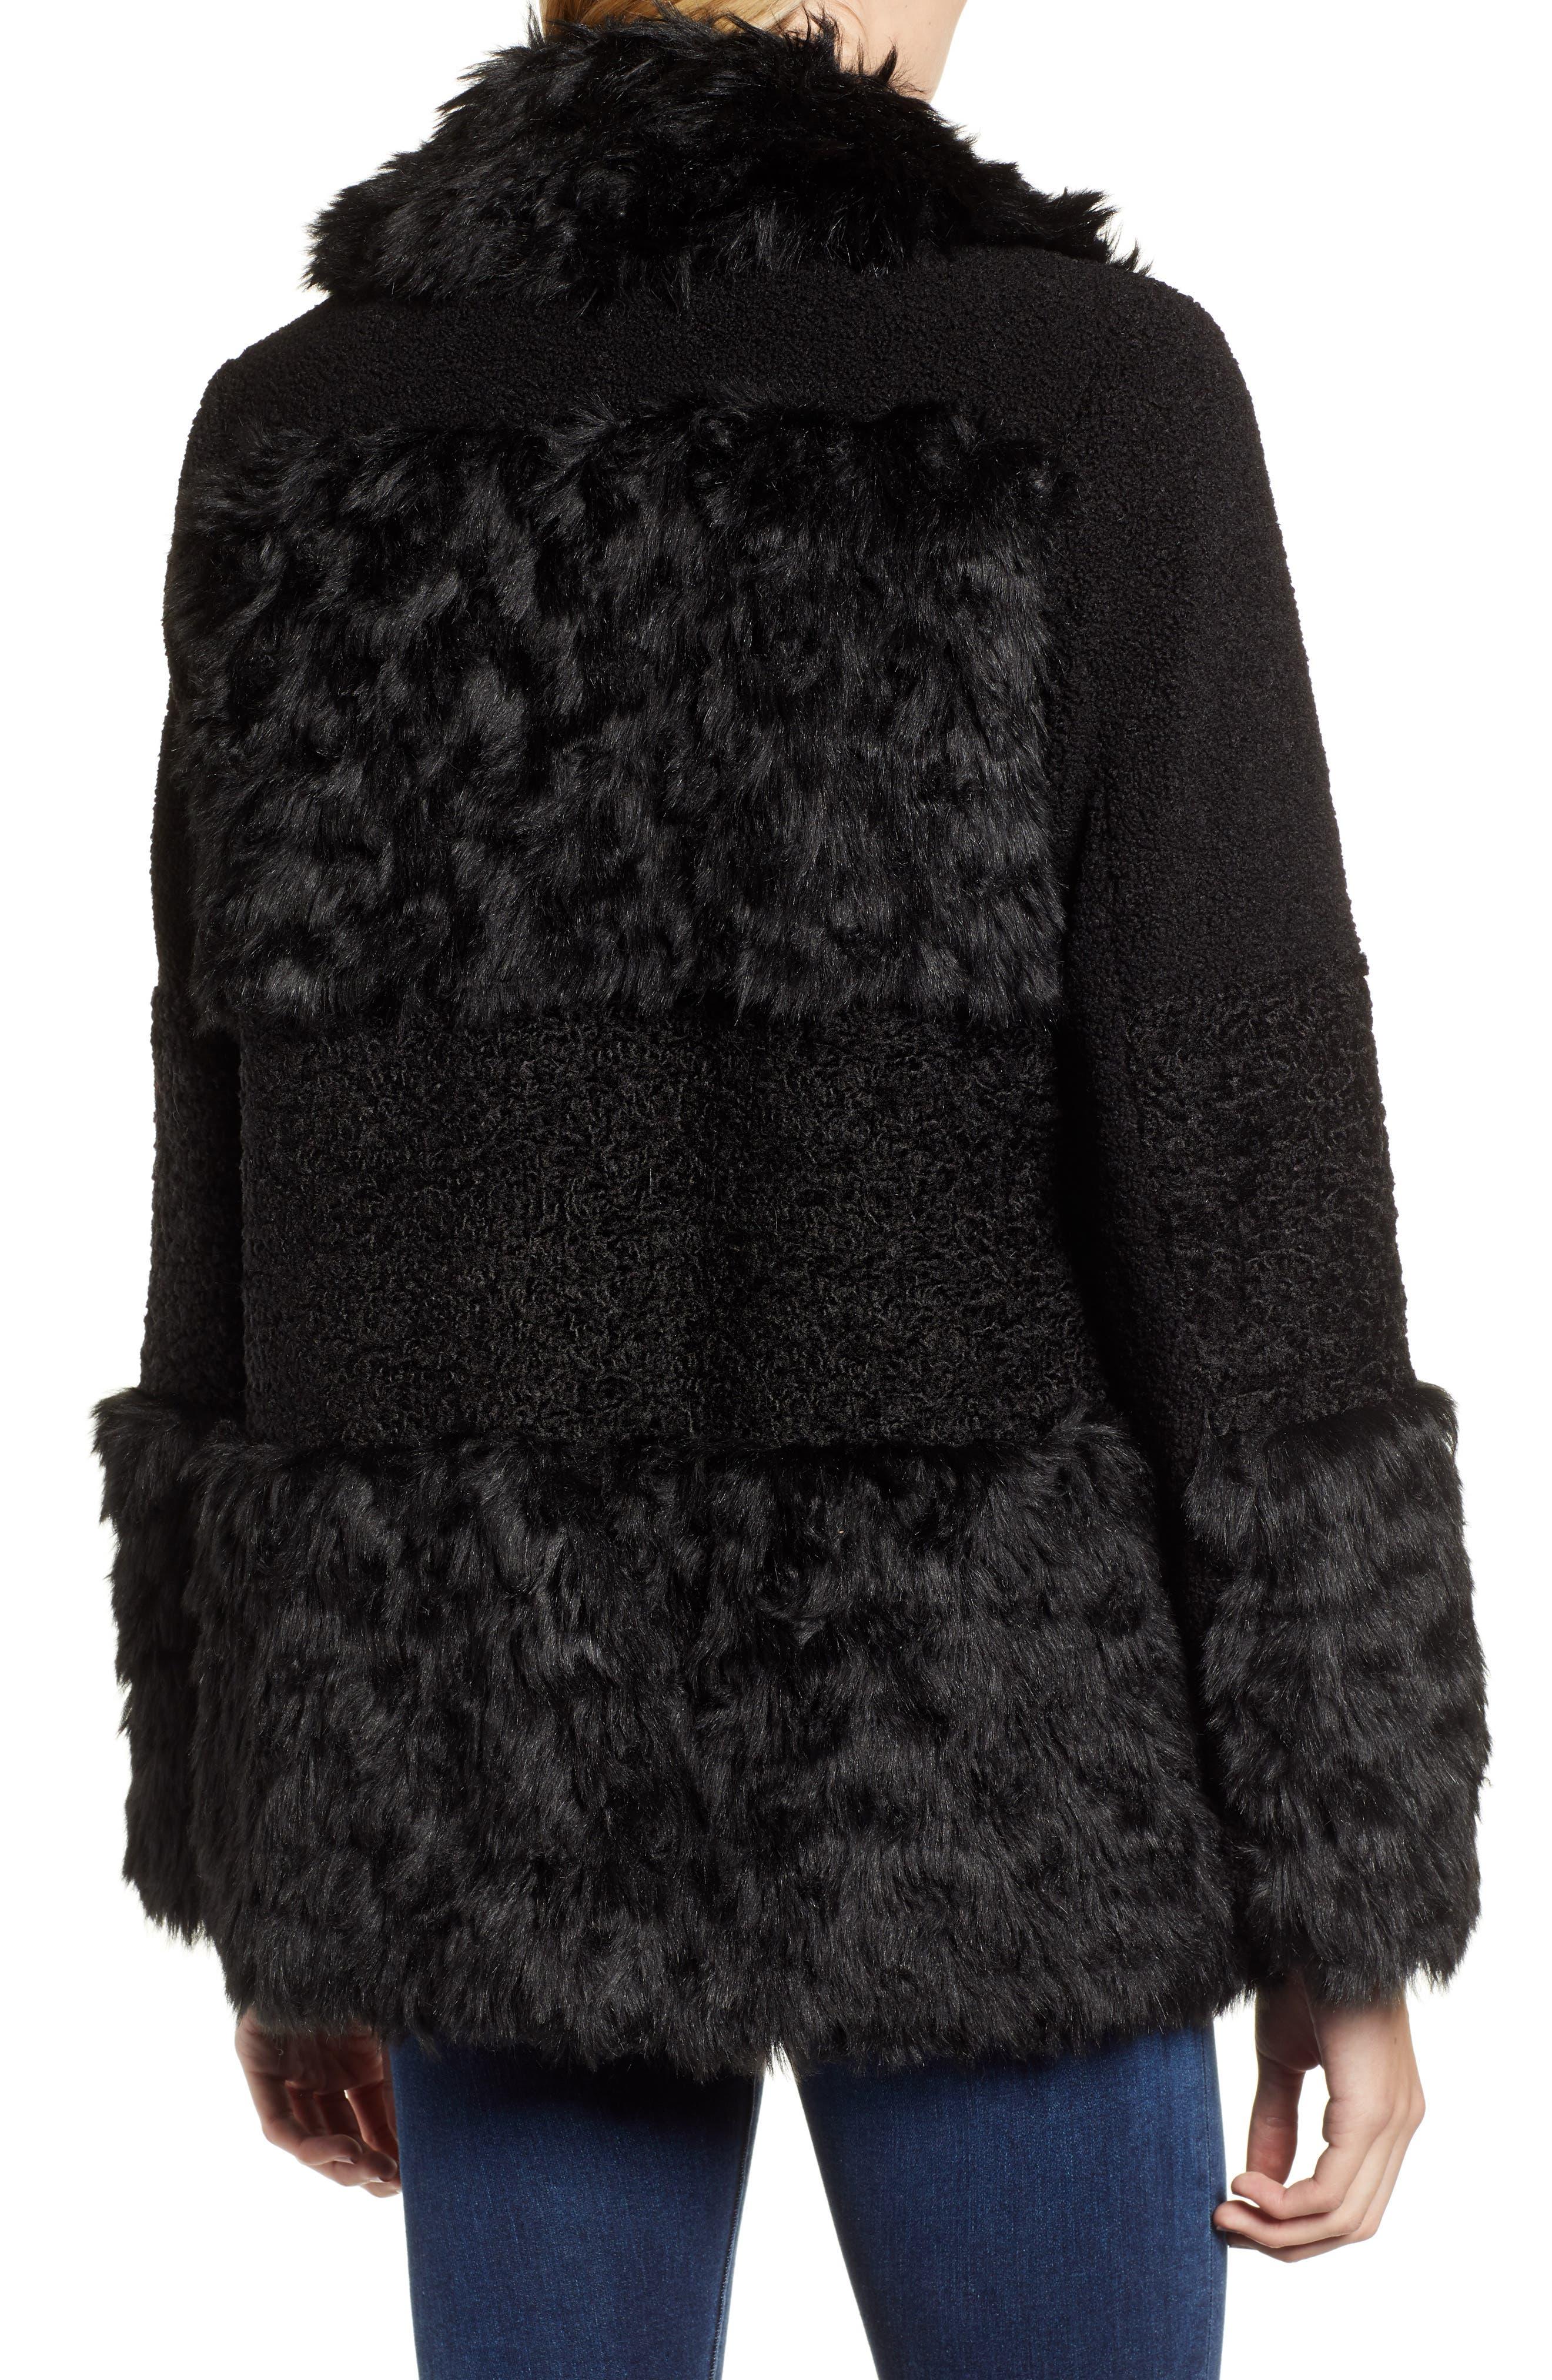 KENSIE, Faux Fur Patchwork Coat, Alternate thumbnail 2, color, 001